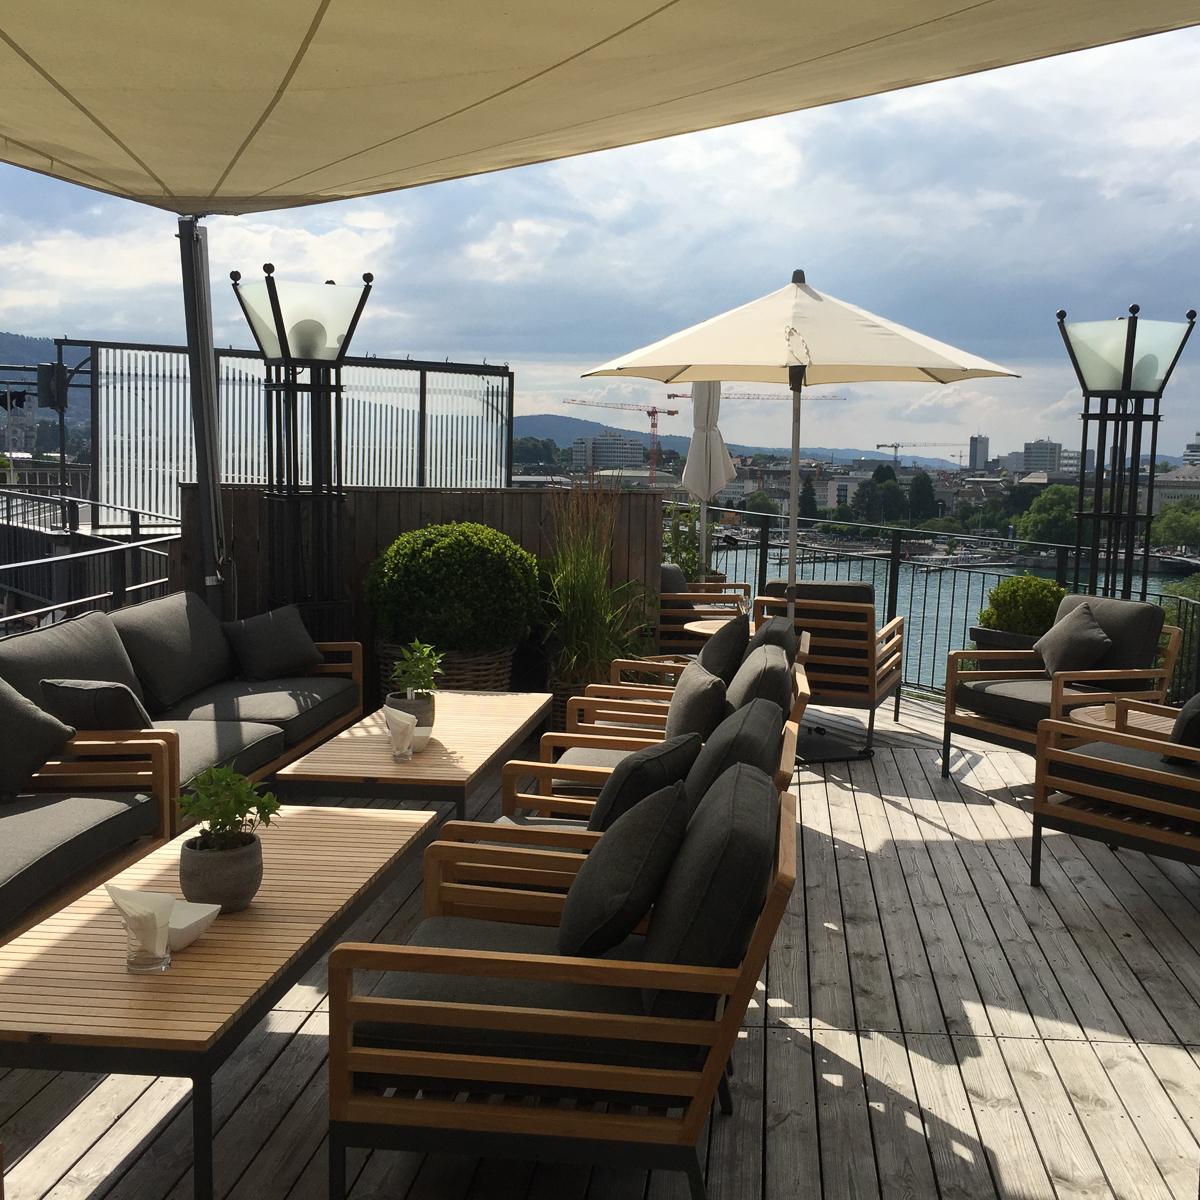 Ambassador Hotel The View Rooftop Bar Zürich